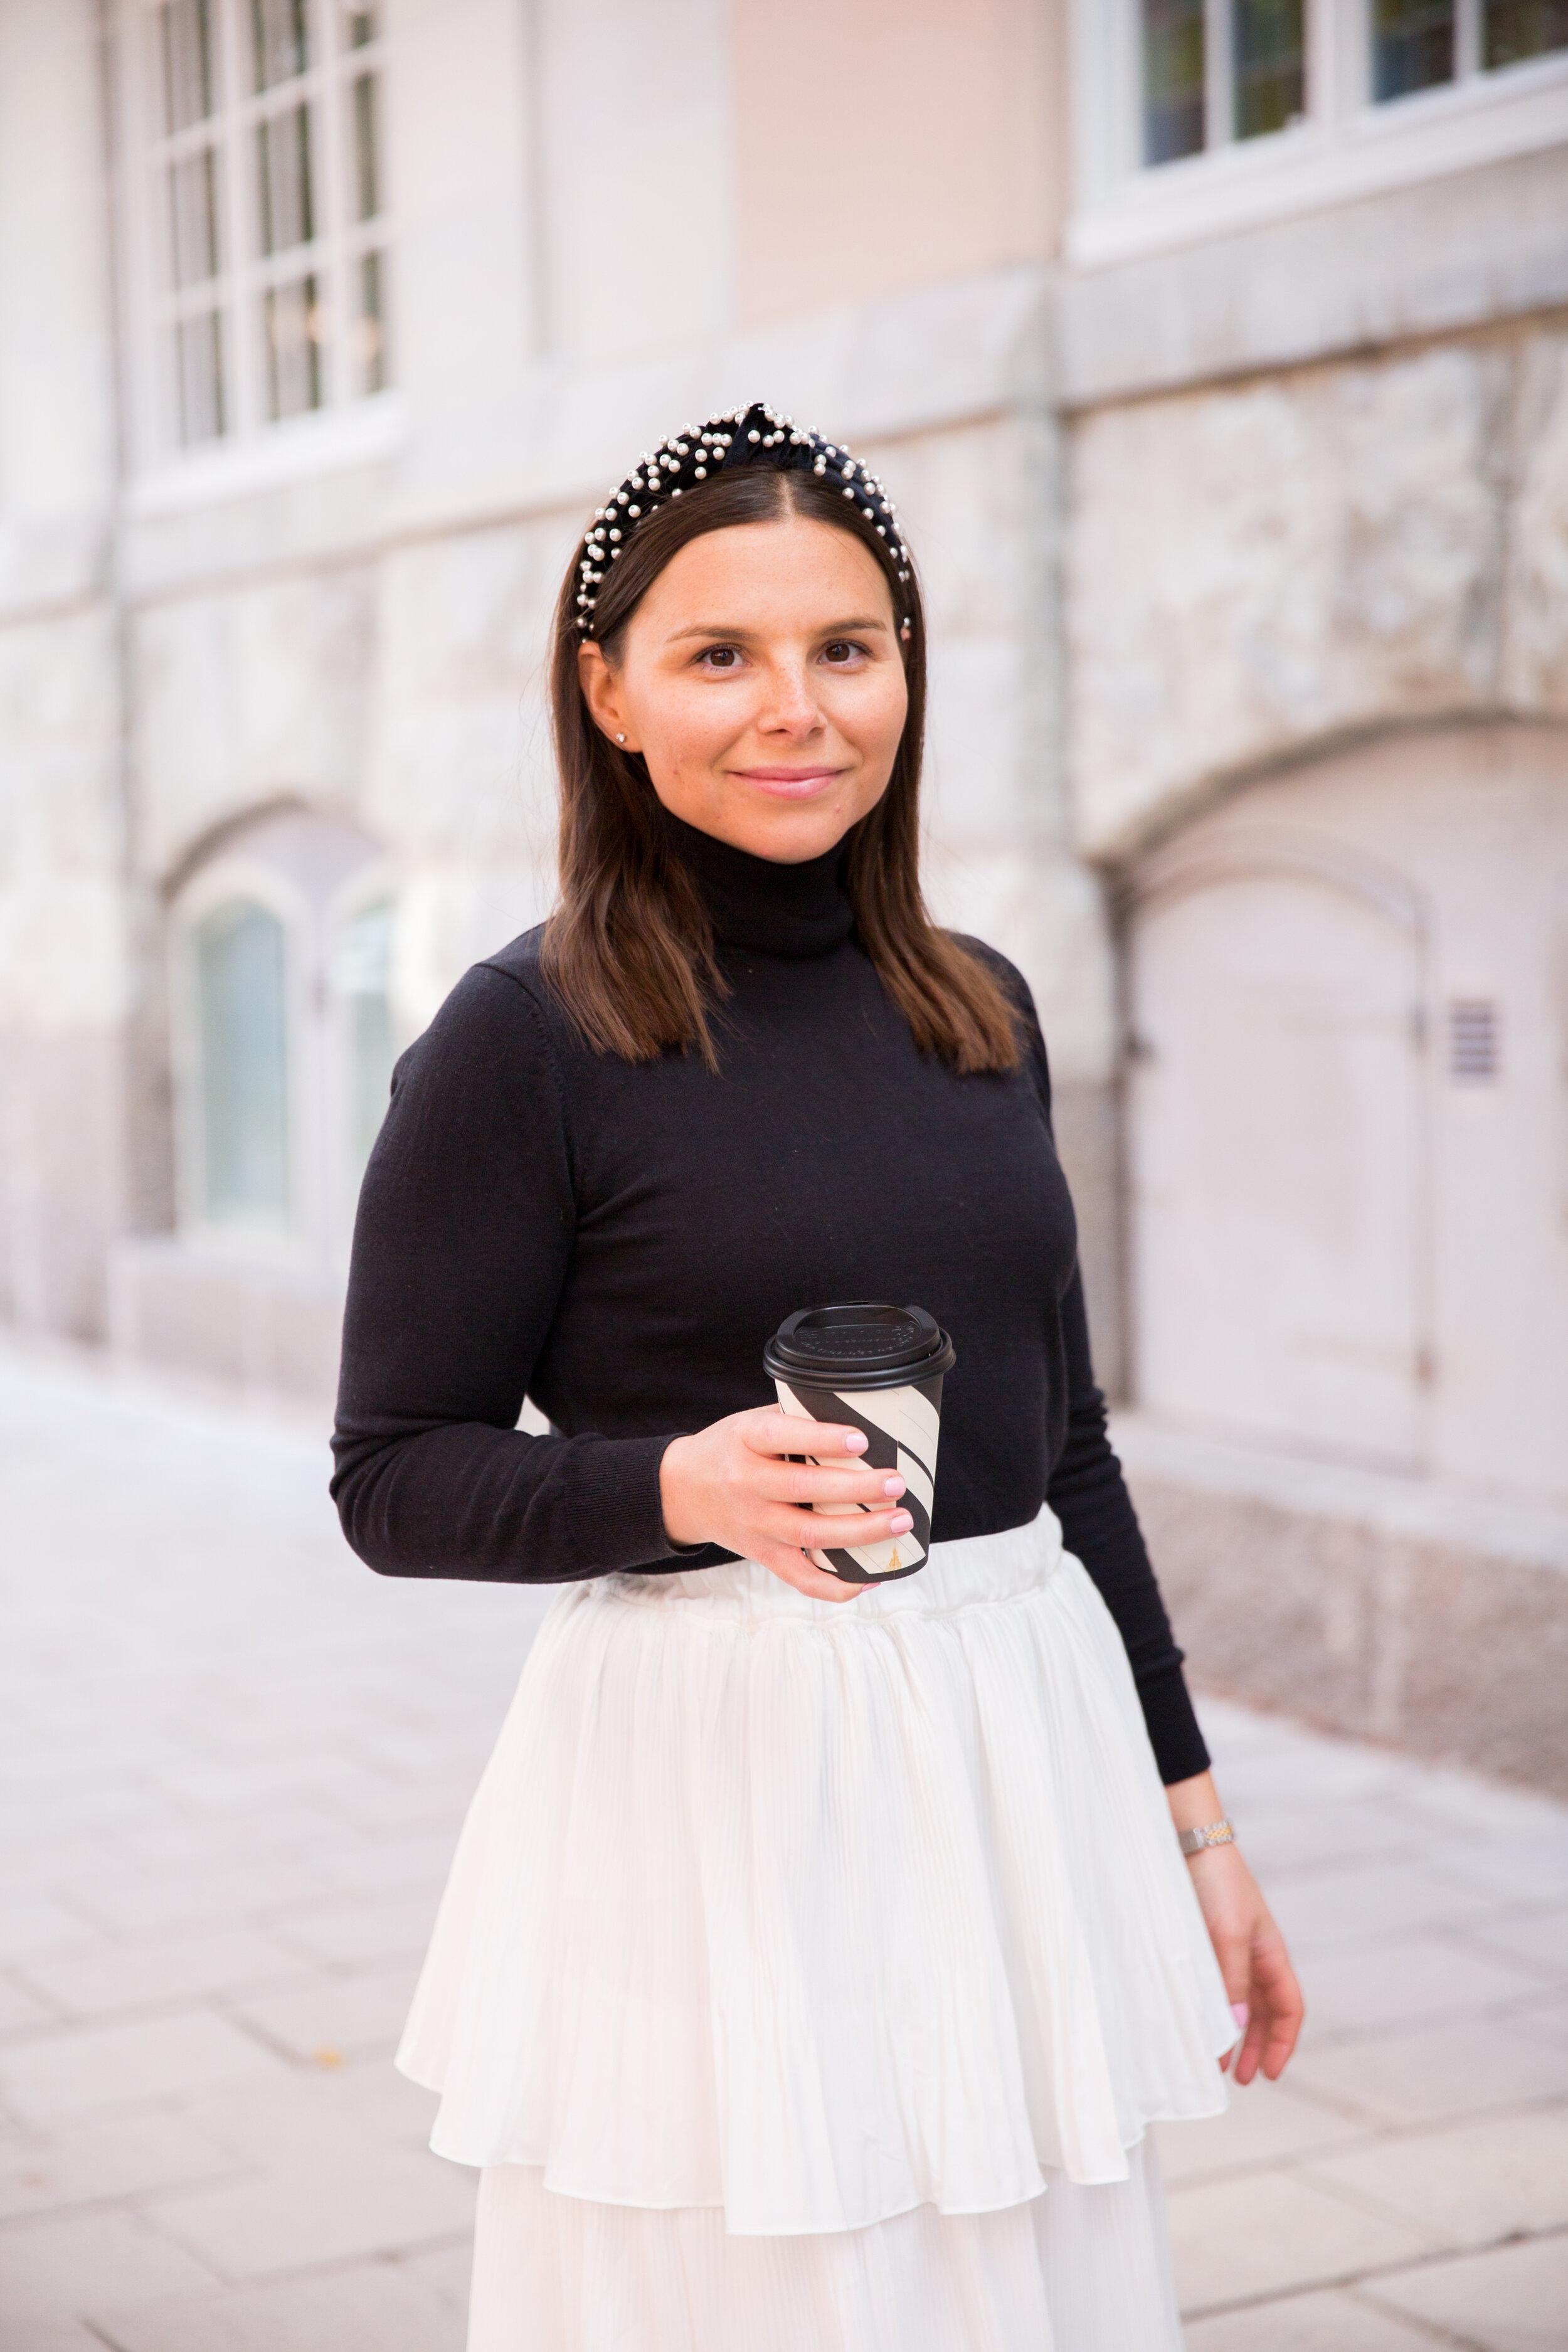 Angelica Aurell kjol polotroja modeblogg stil.jpg